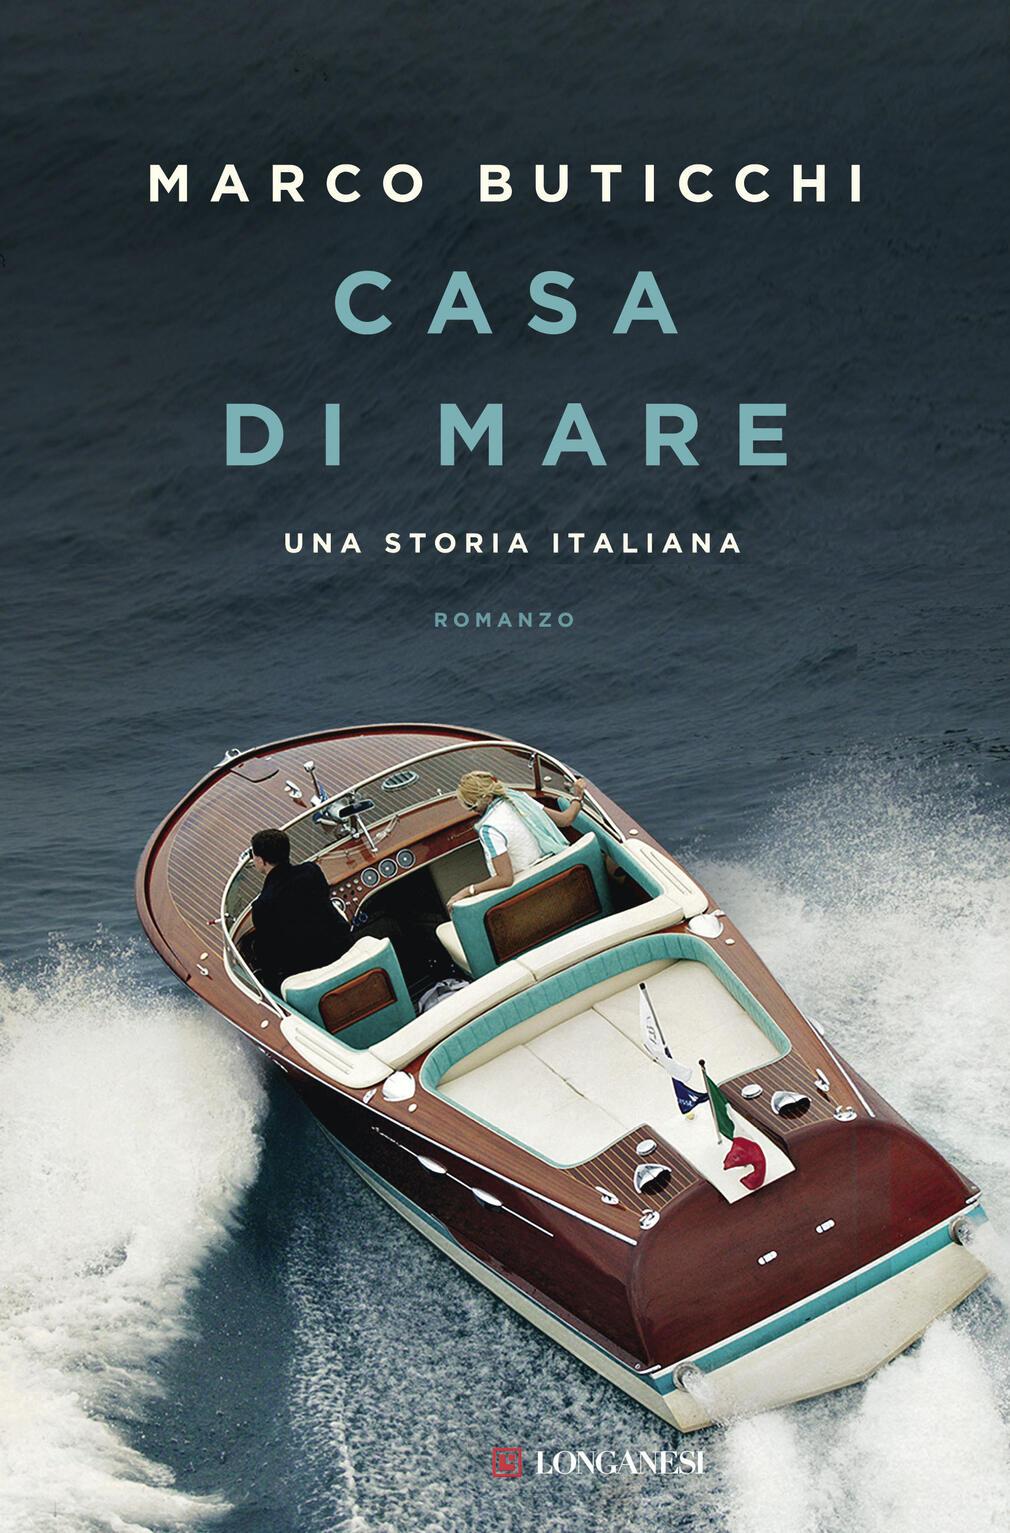 Casa di mare una storia italiana marco buticchi libro for Layout di una casa di una storia